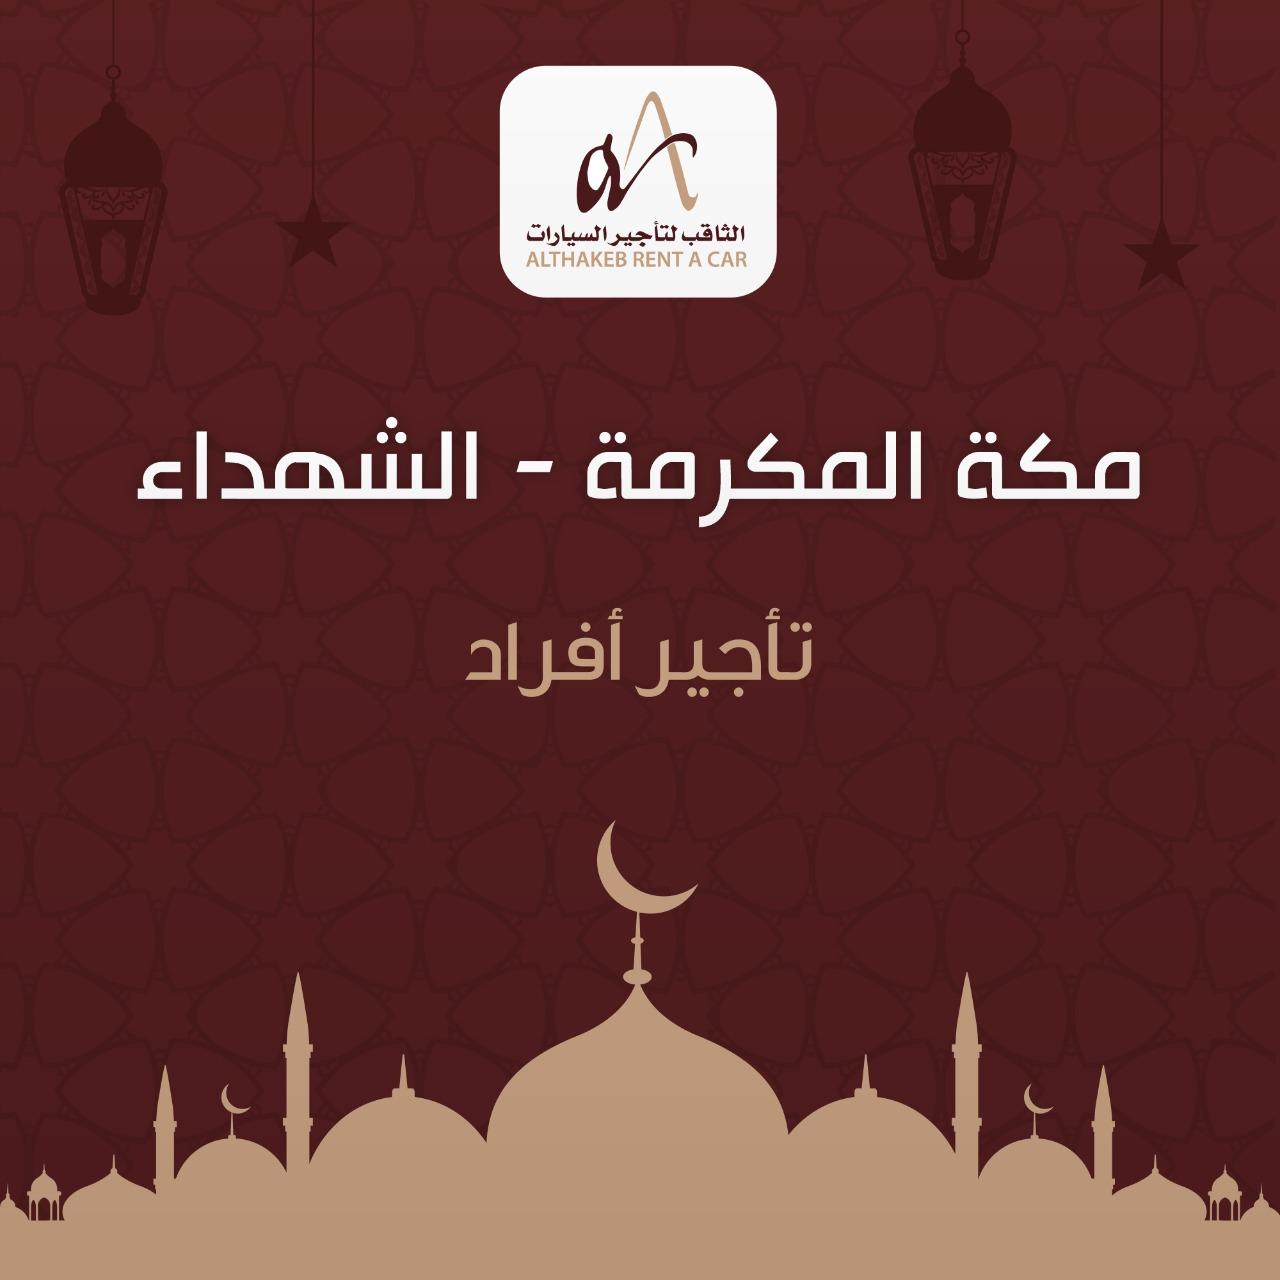 مكه المكرمة - الشهداء